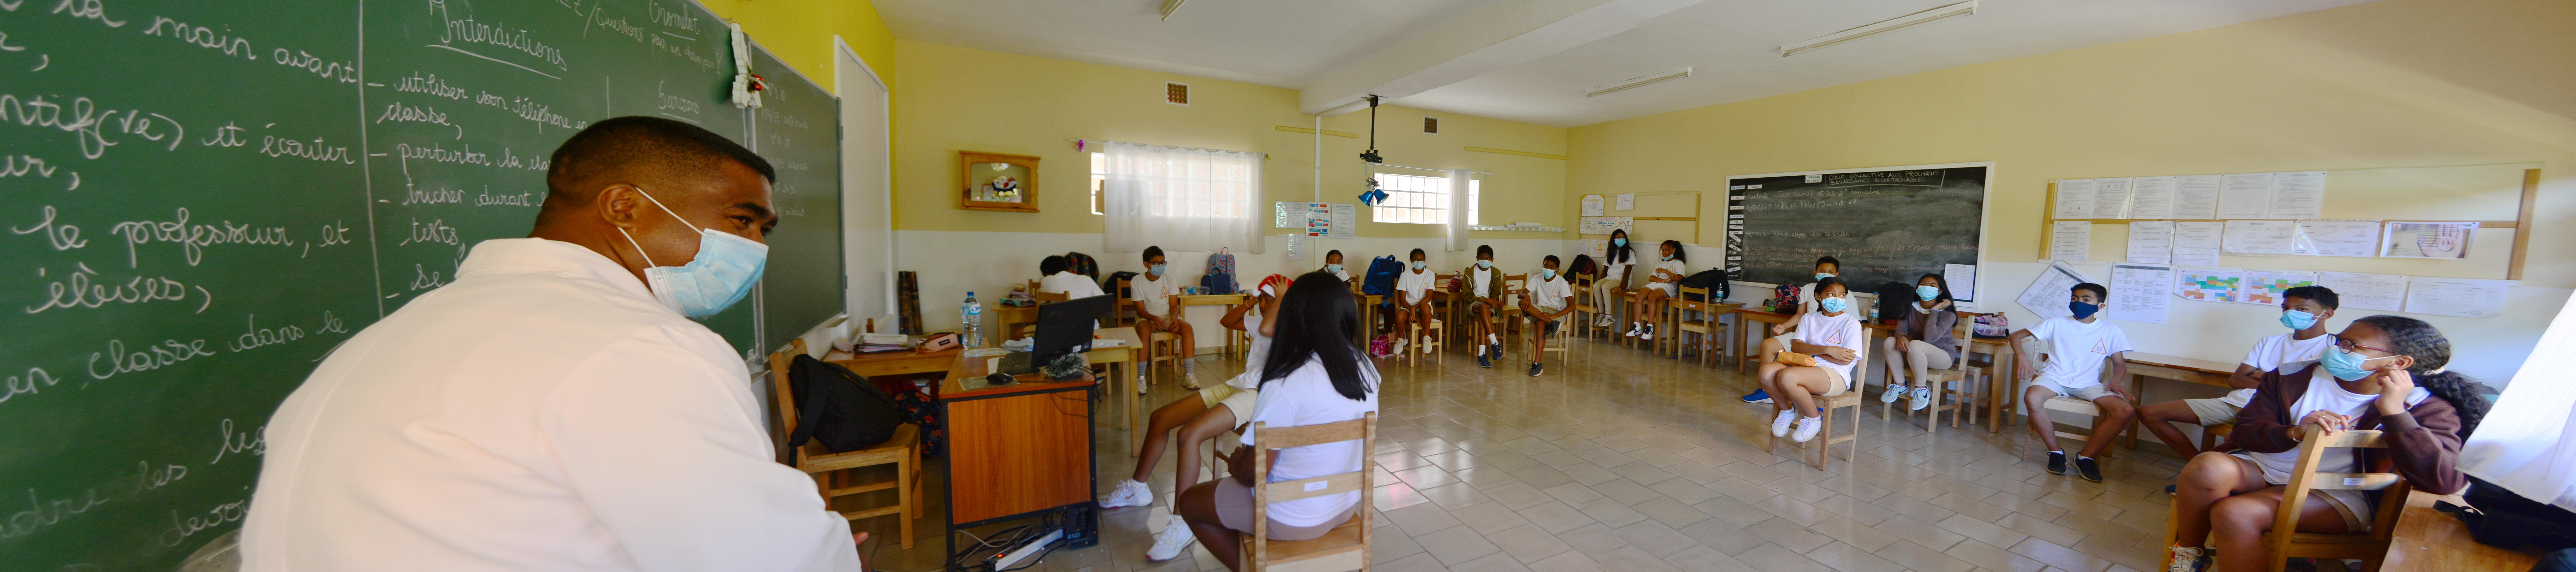 Classe de 4ème B avec PP Sariaka Rabefaritra